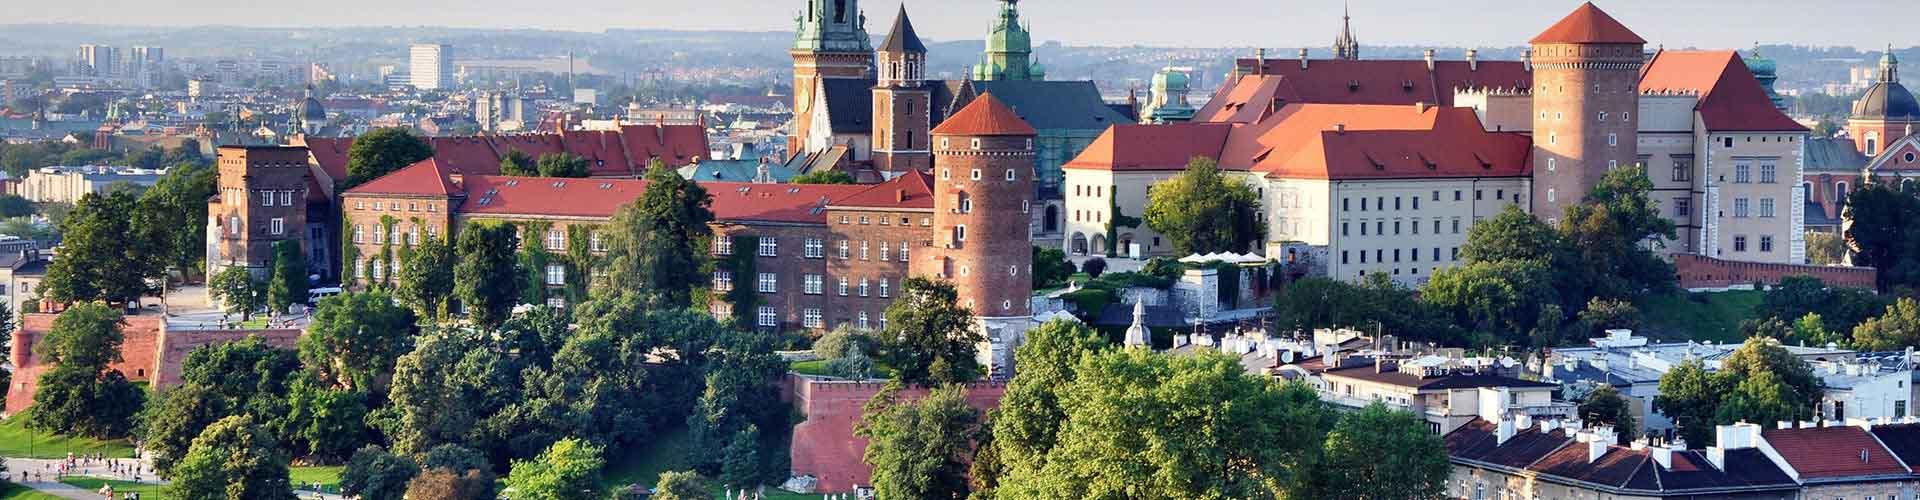 Cracóvia – Apartamentos em Cracóvia. Mapas para Cracóvia, Fotos e Avaliações para cada Apartamento em Cracóvia.